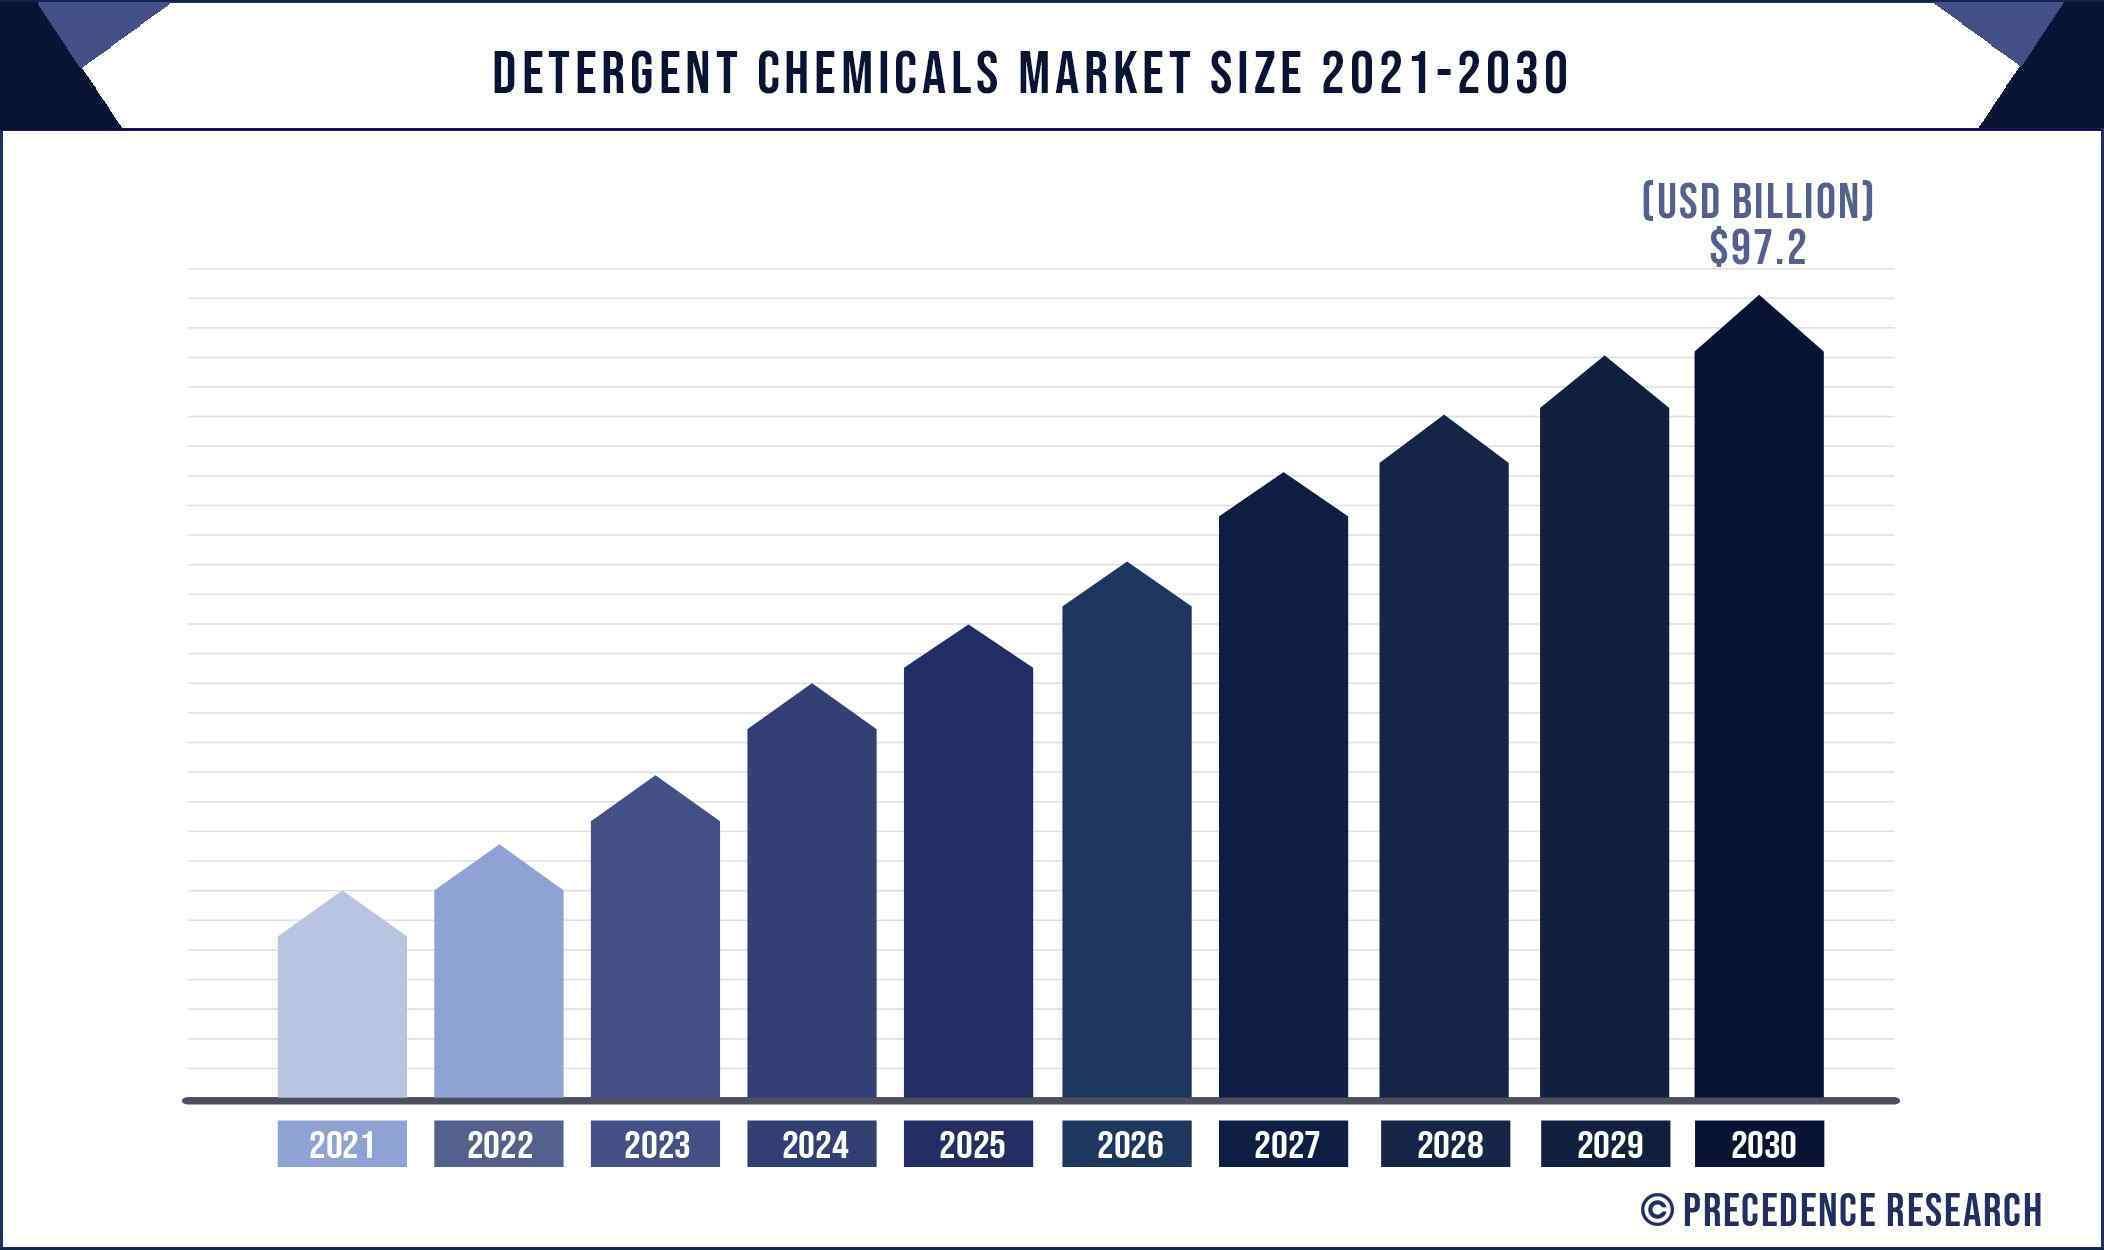 Detergent Chemicals Market Size 2021 to 2030